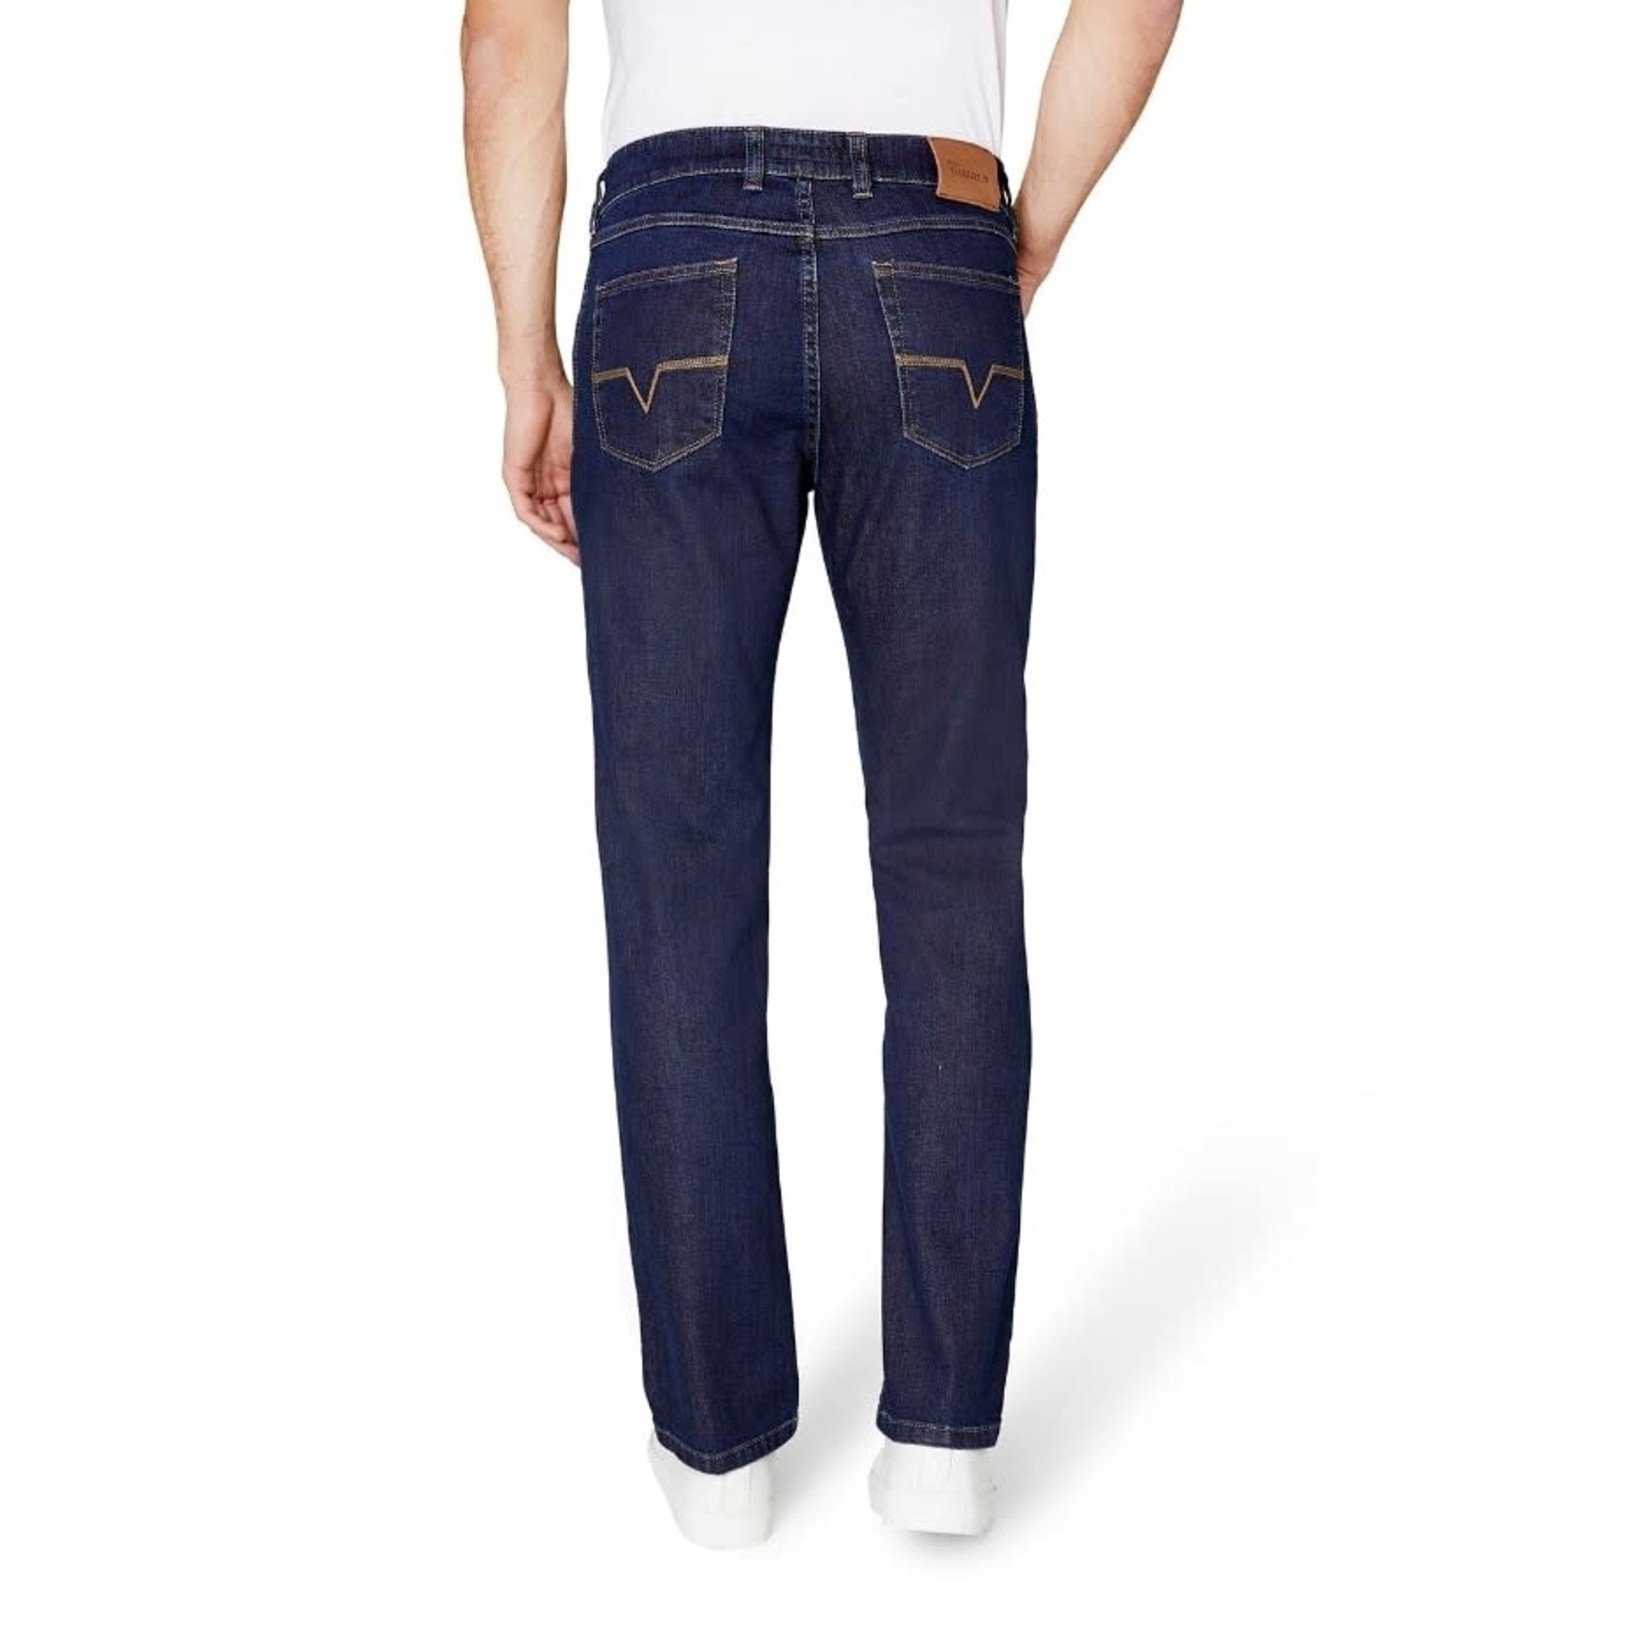 Gardeur Nevio-11 regular fit jeans donkerblauw 470181-069